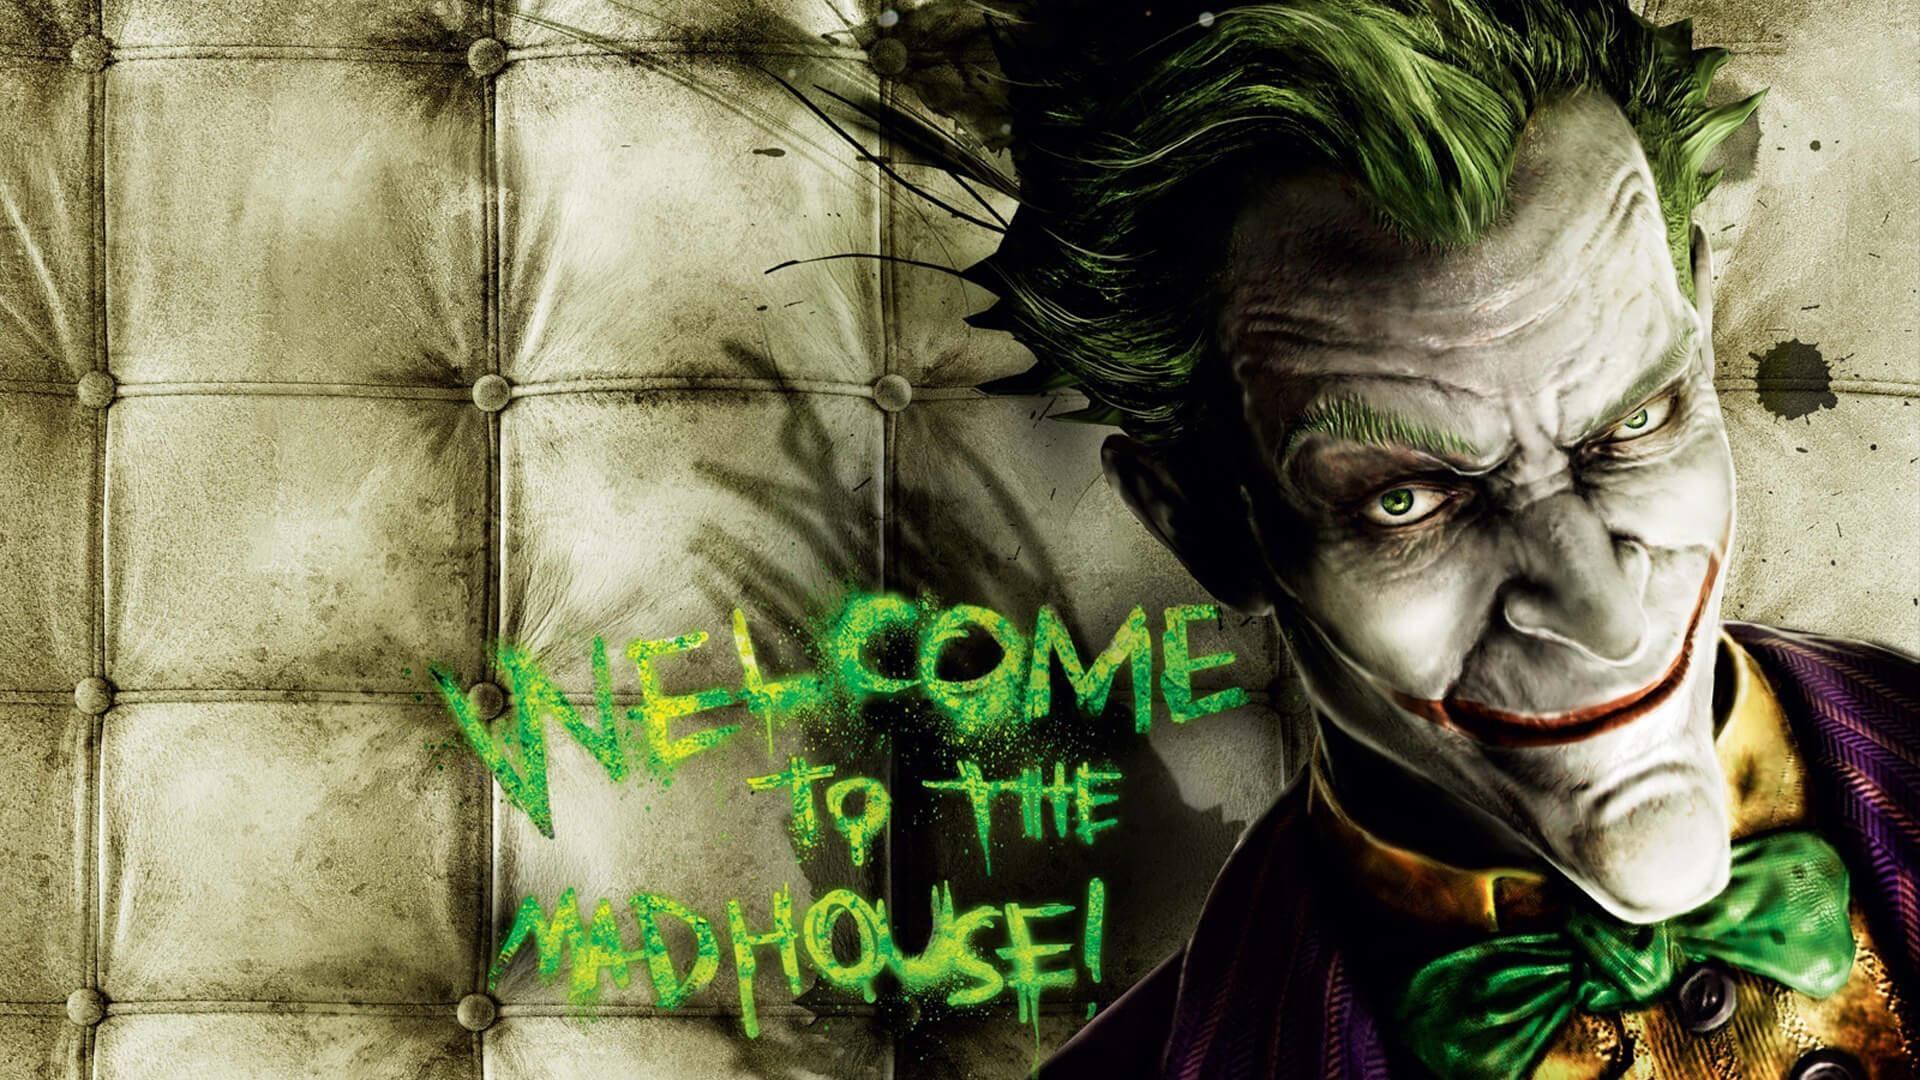 Joker The Dark Knight Artistic Wallpaper